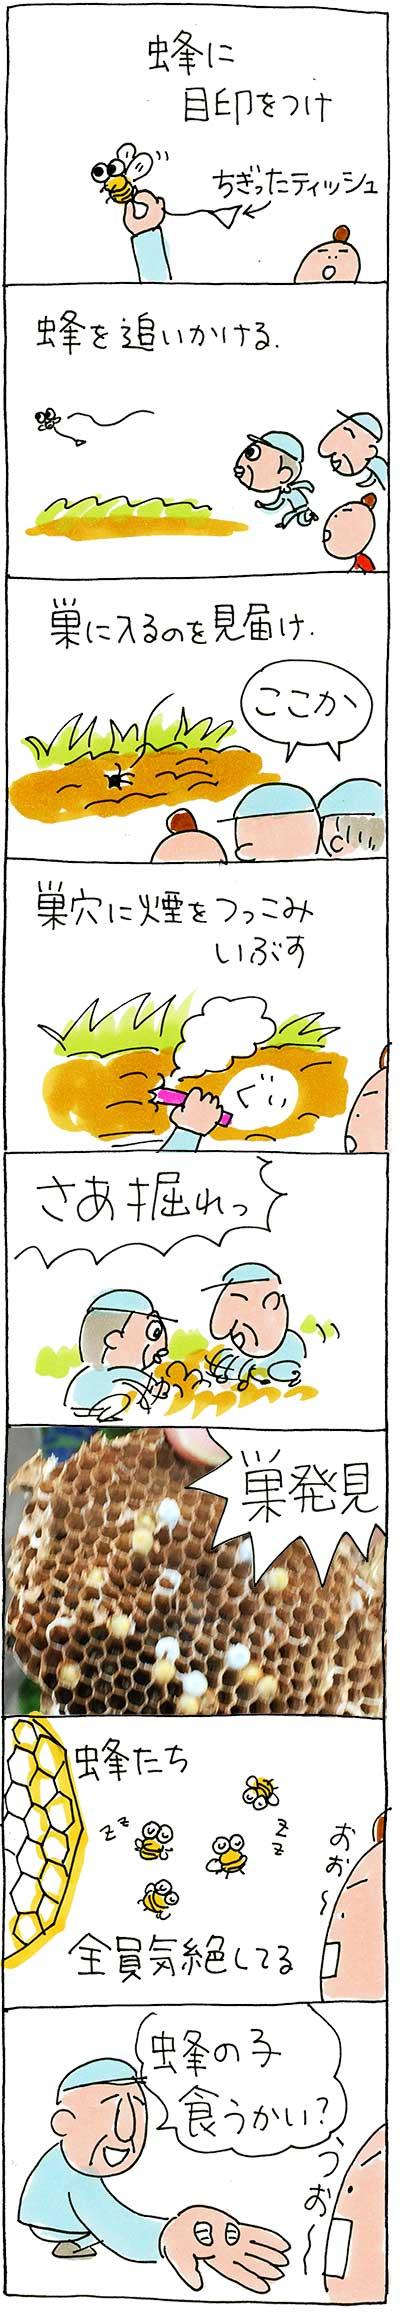 農業体験151030_02